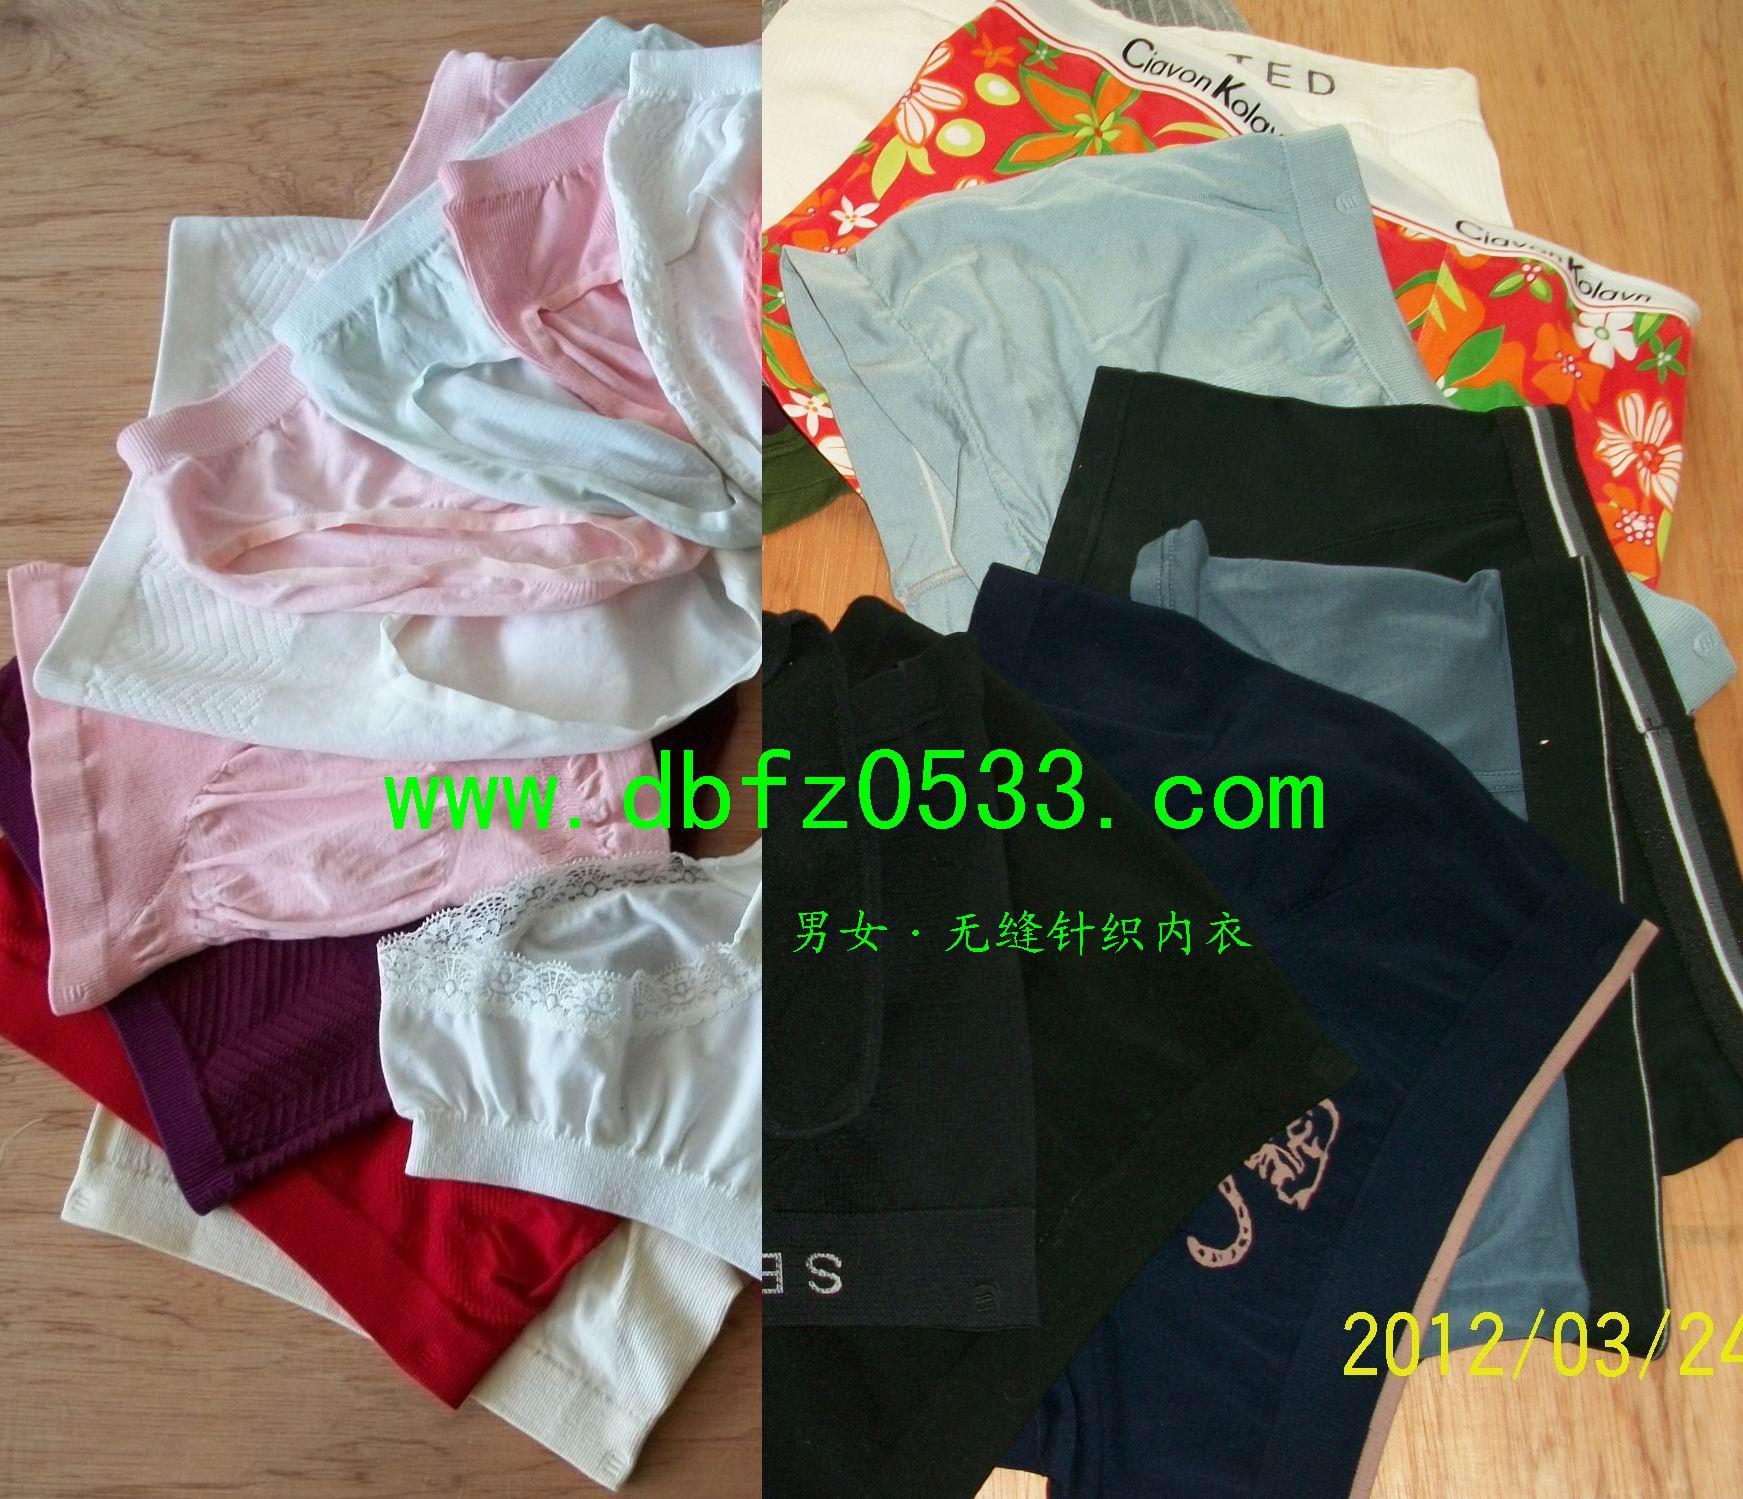 天然纤维无缝针织内裤供应